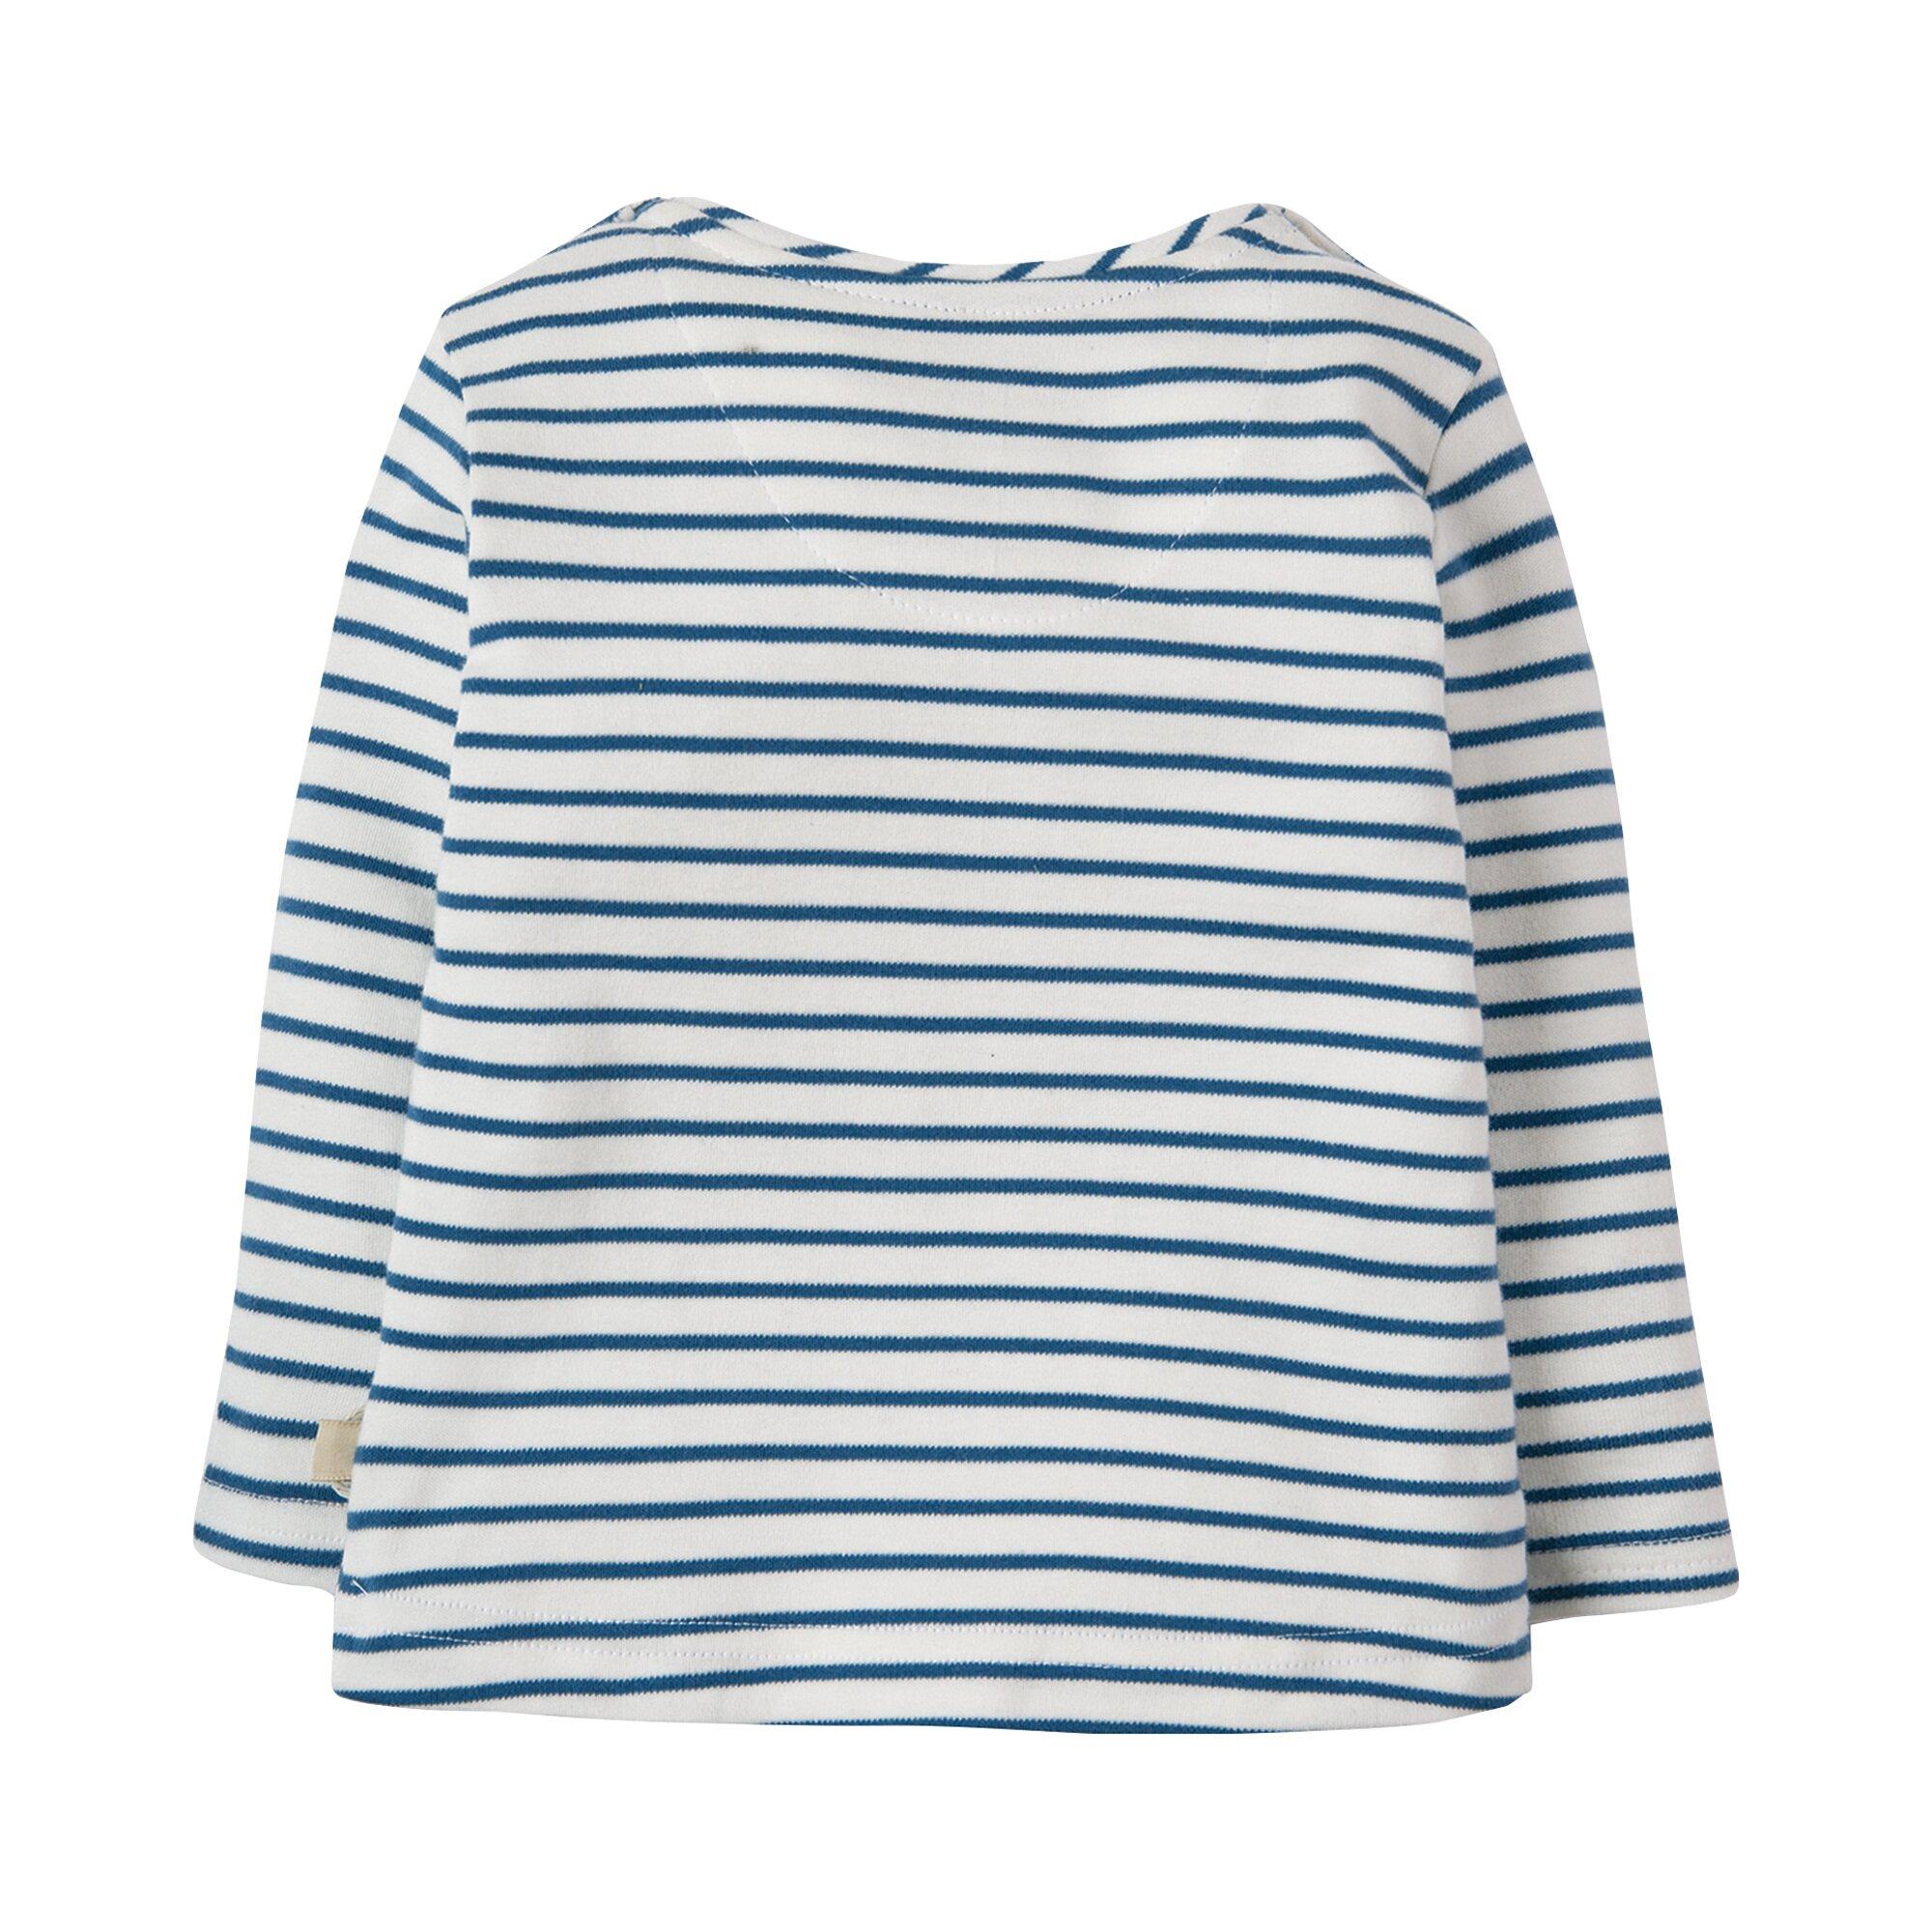 frugi-shirt-langarm-maritim